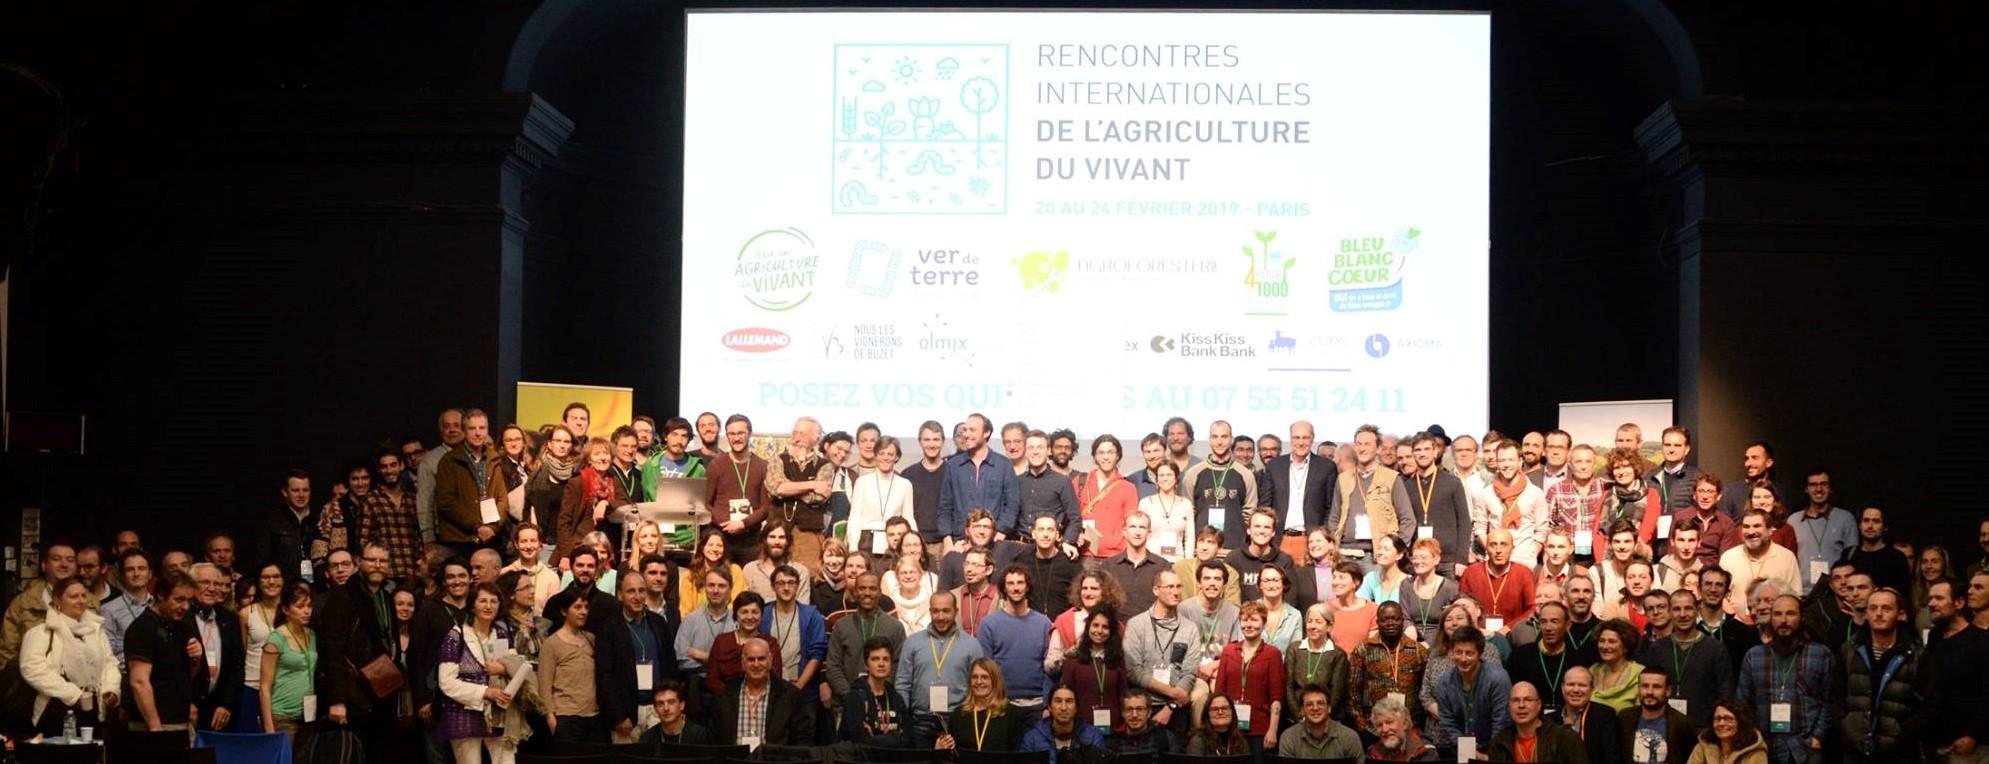 Clap de fin – Rencontres Internationales de l'Agriculture du Vivant – Paris – 2019